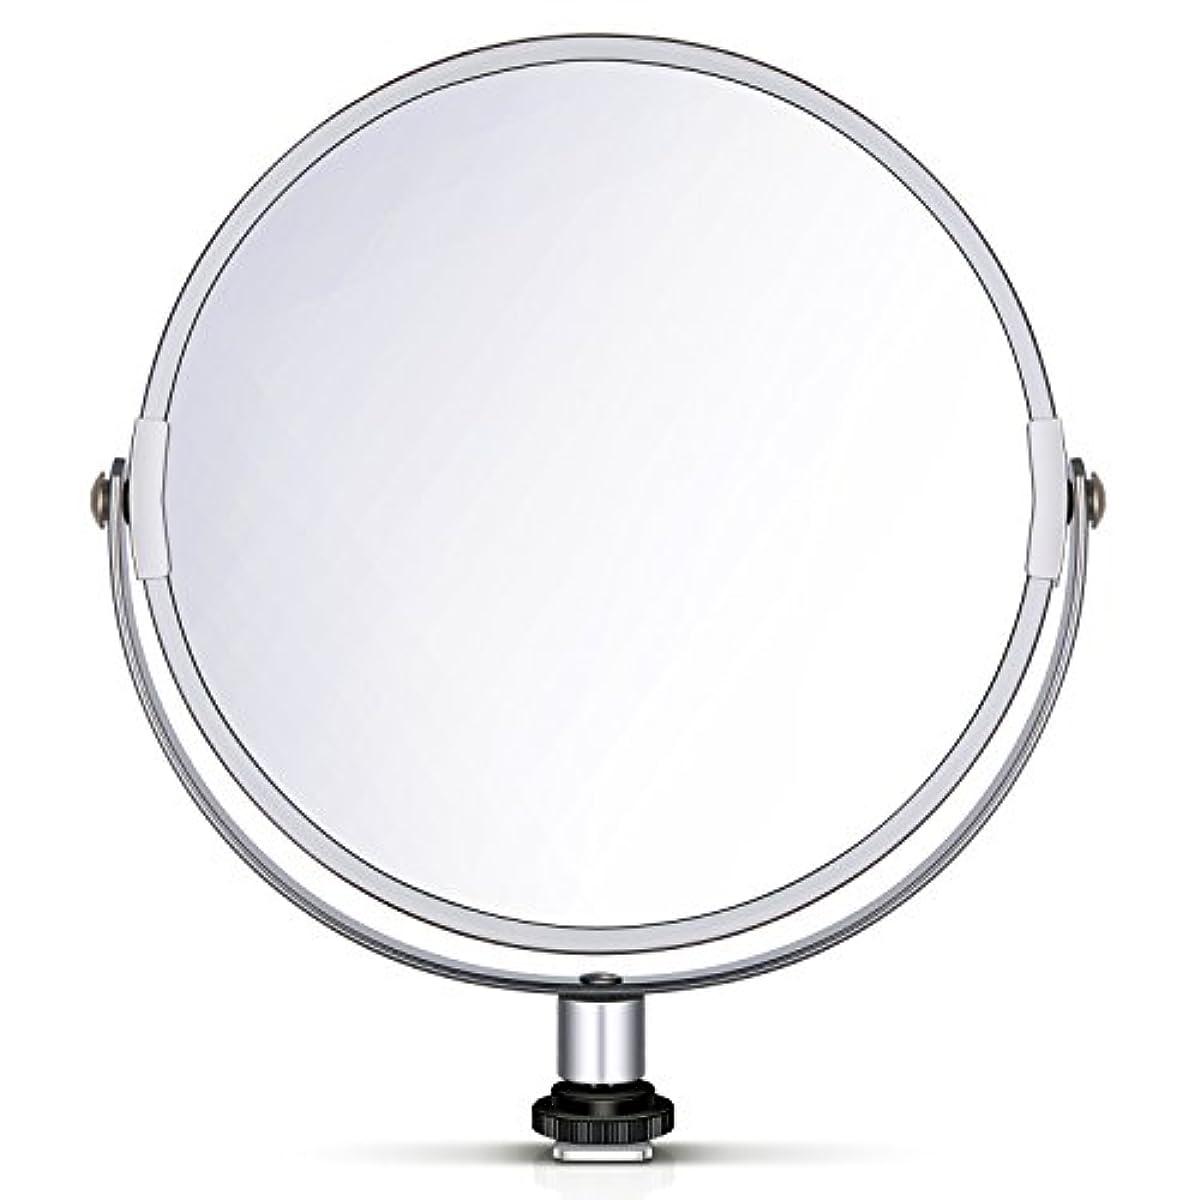 グローブ返還ベーカリーNeewer 両面鏡 拡大鏡 化粧鏡 8 in/20 cm 円形 18 inのリングライト 自撮り 化粧 ポートレート用アダプタ付